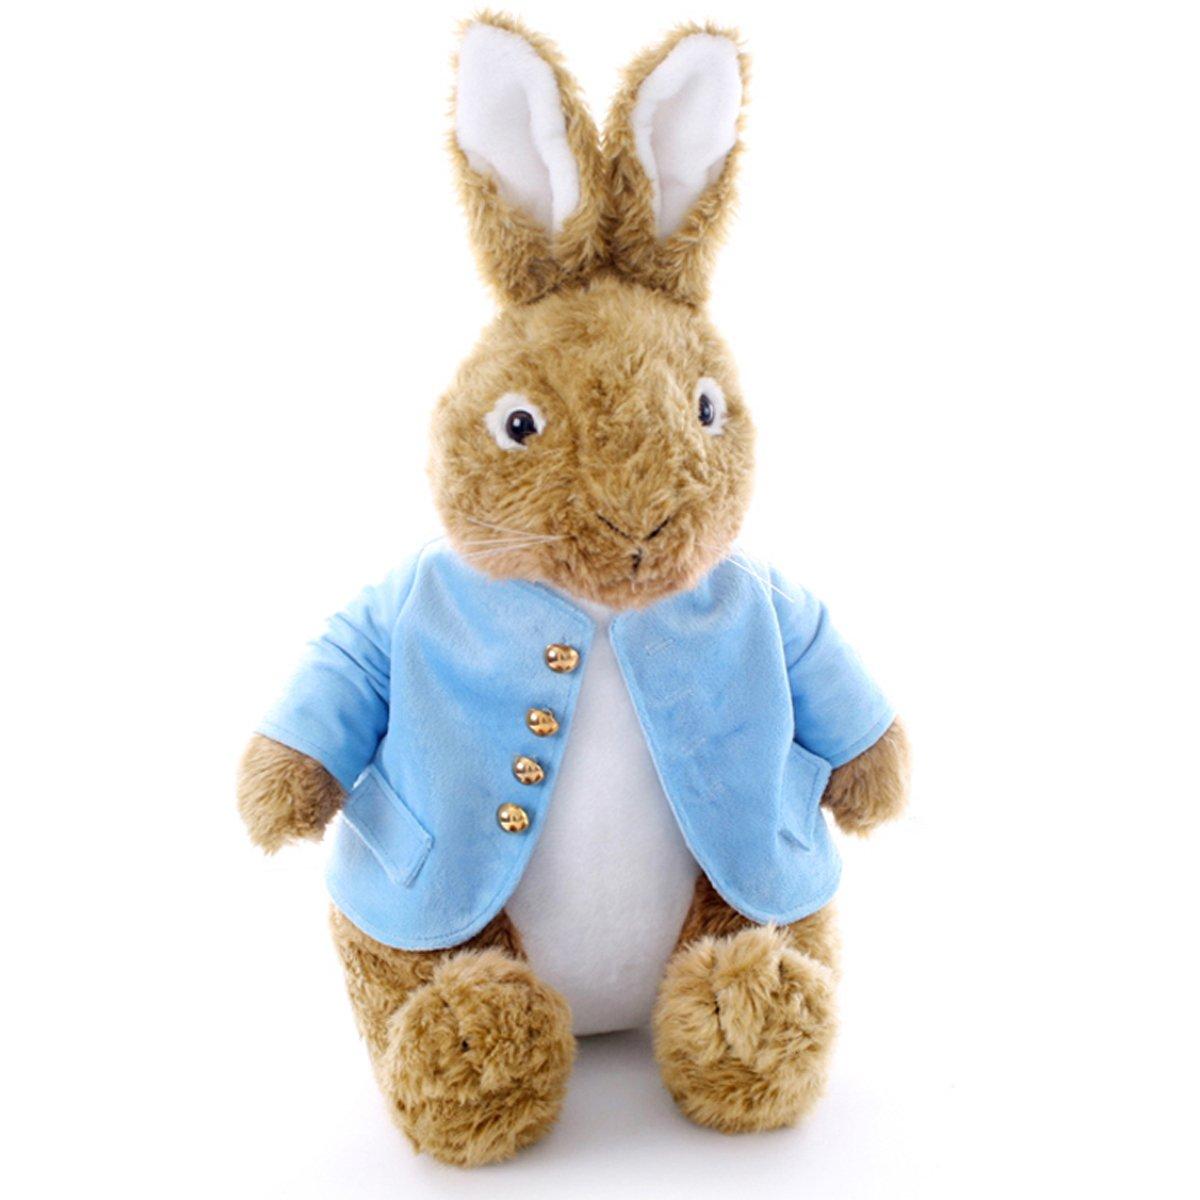 彼得兔公仔 可爱娃娃